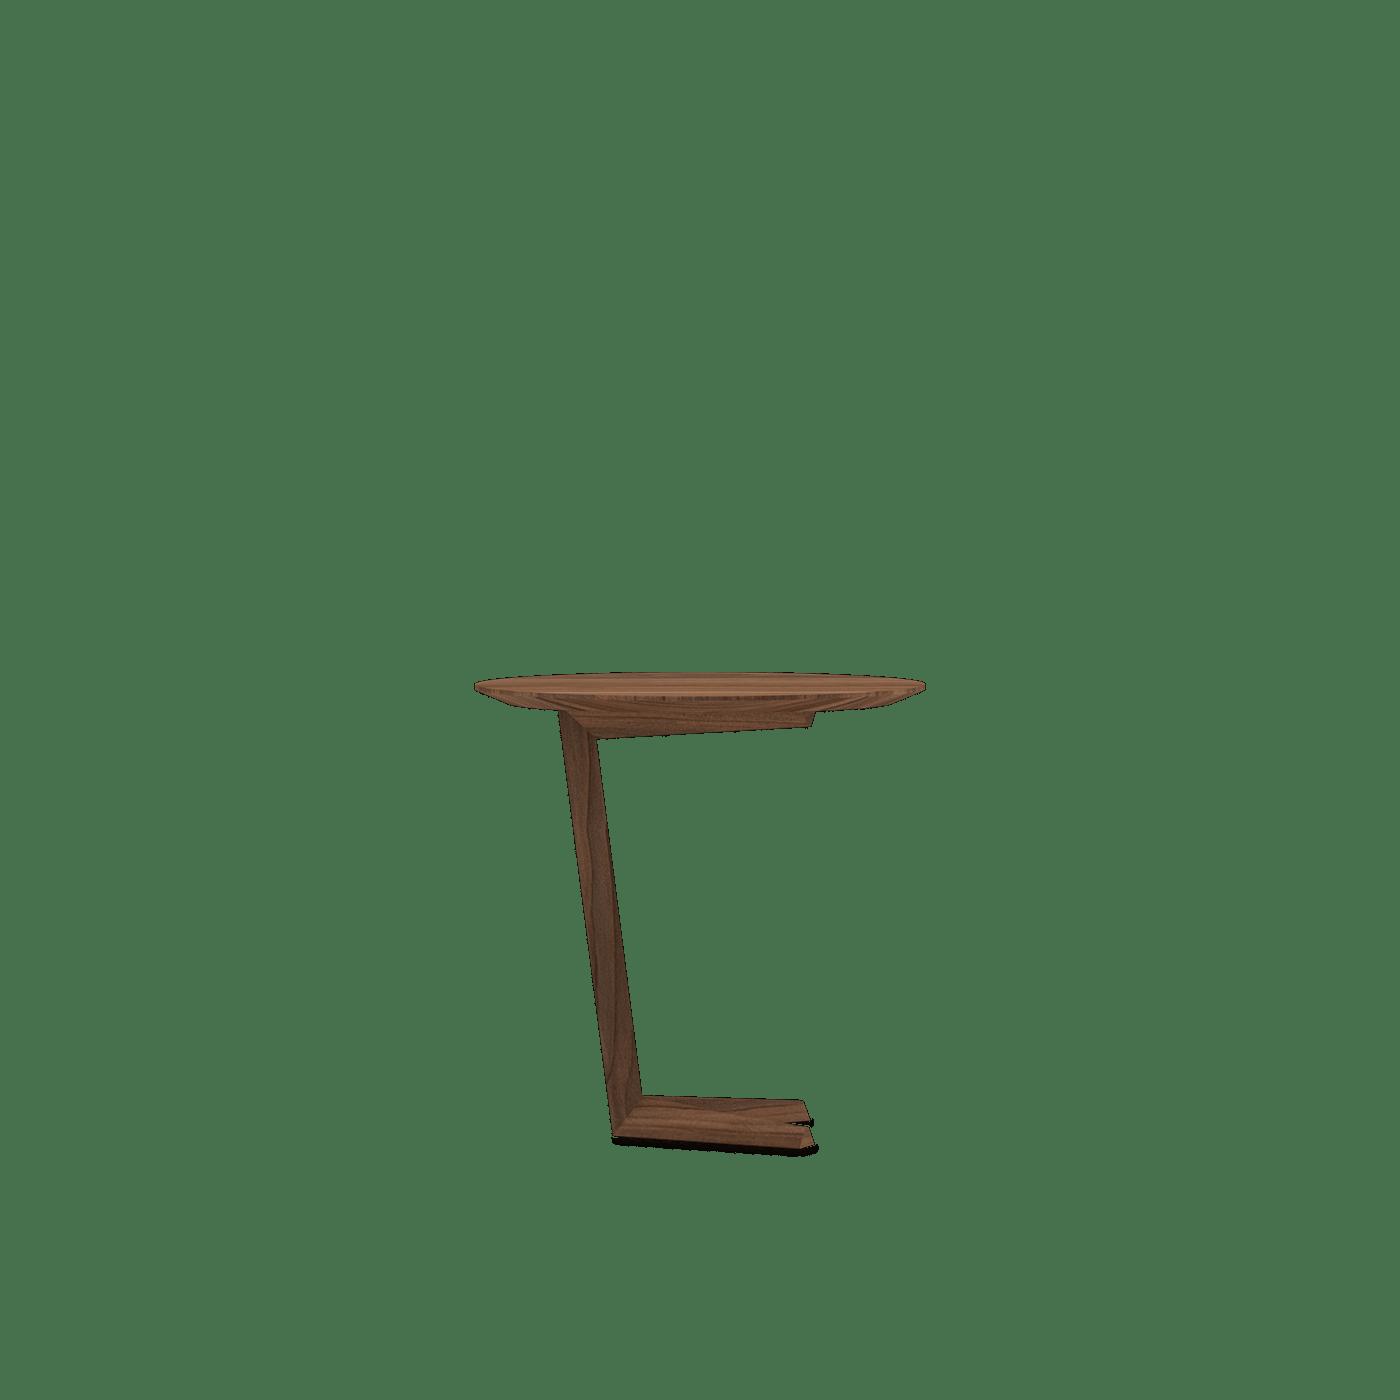 Mesa de apoio Bip